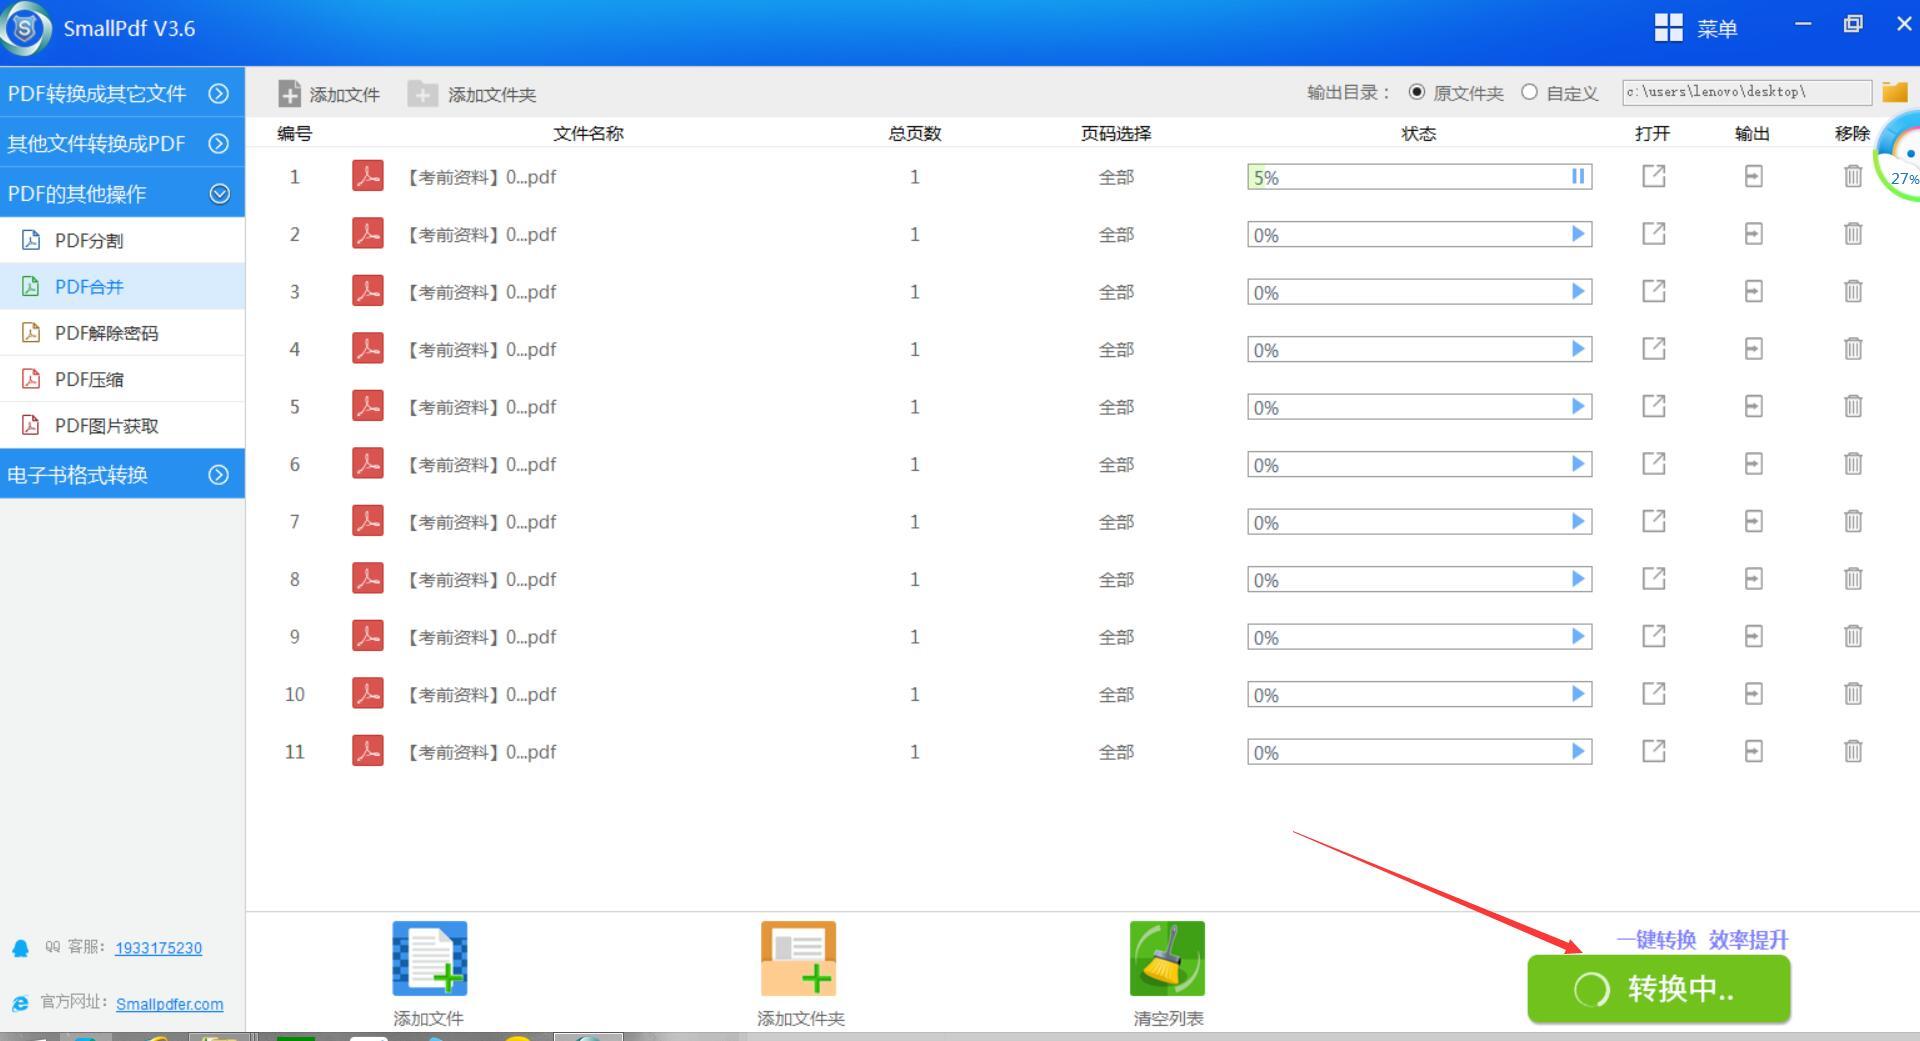 Small PDF转换成JPG软件PDF合并功能-5